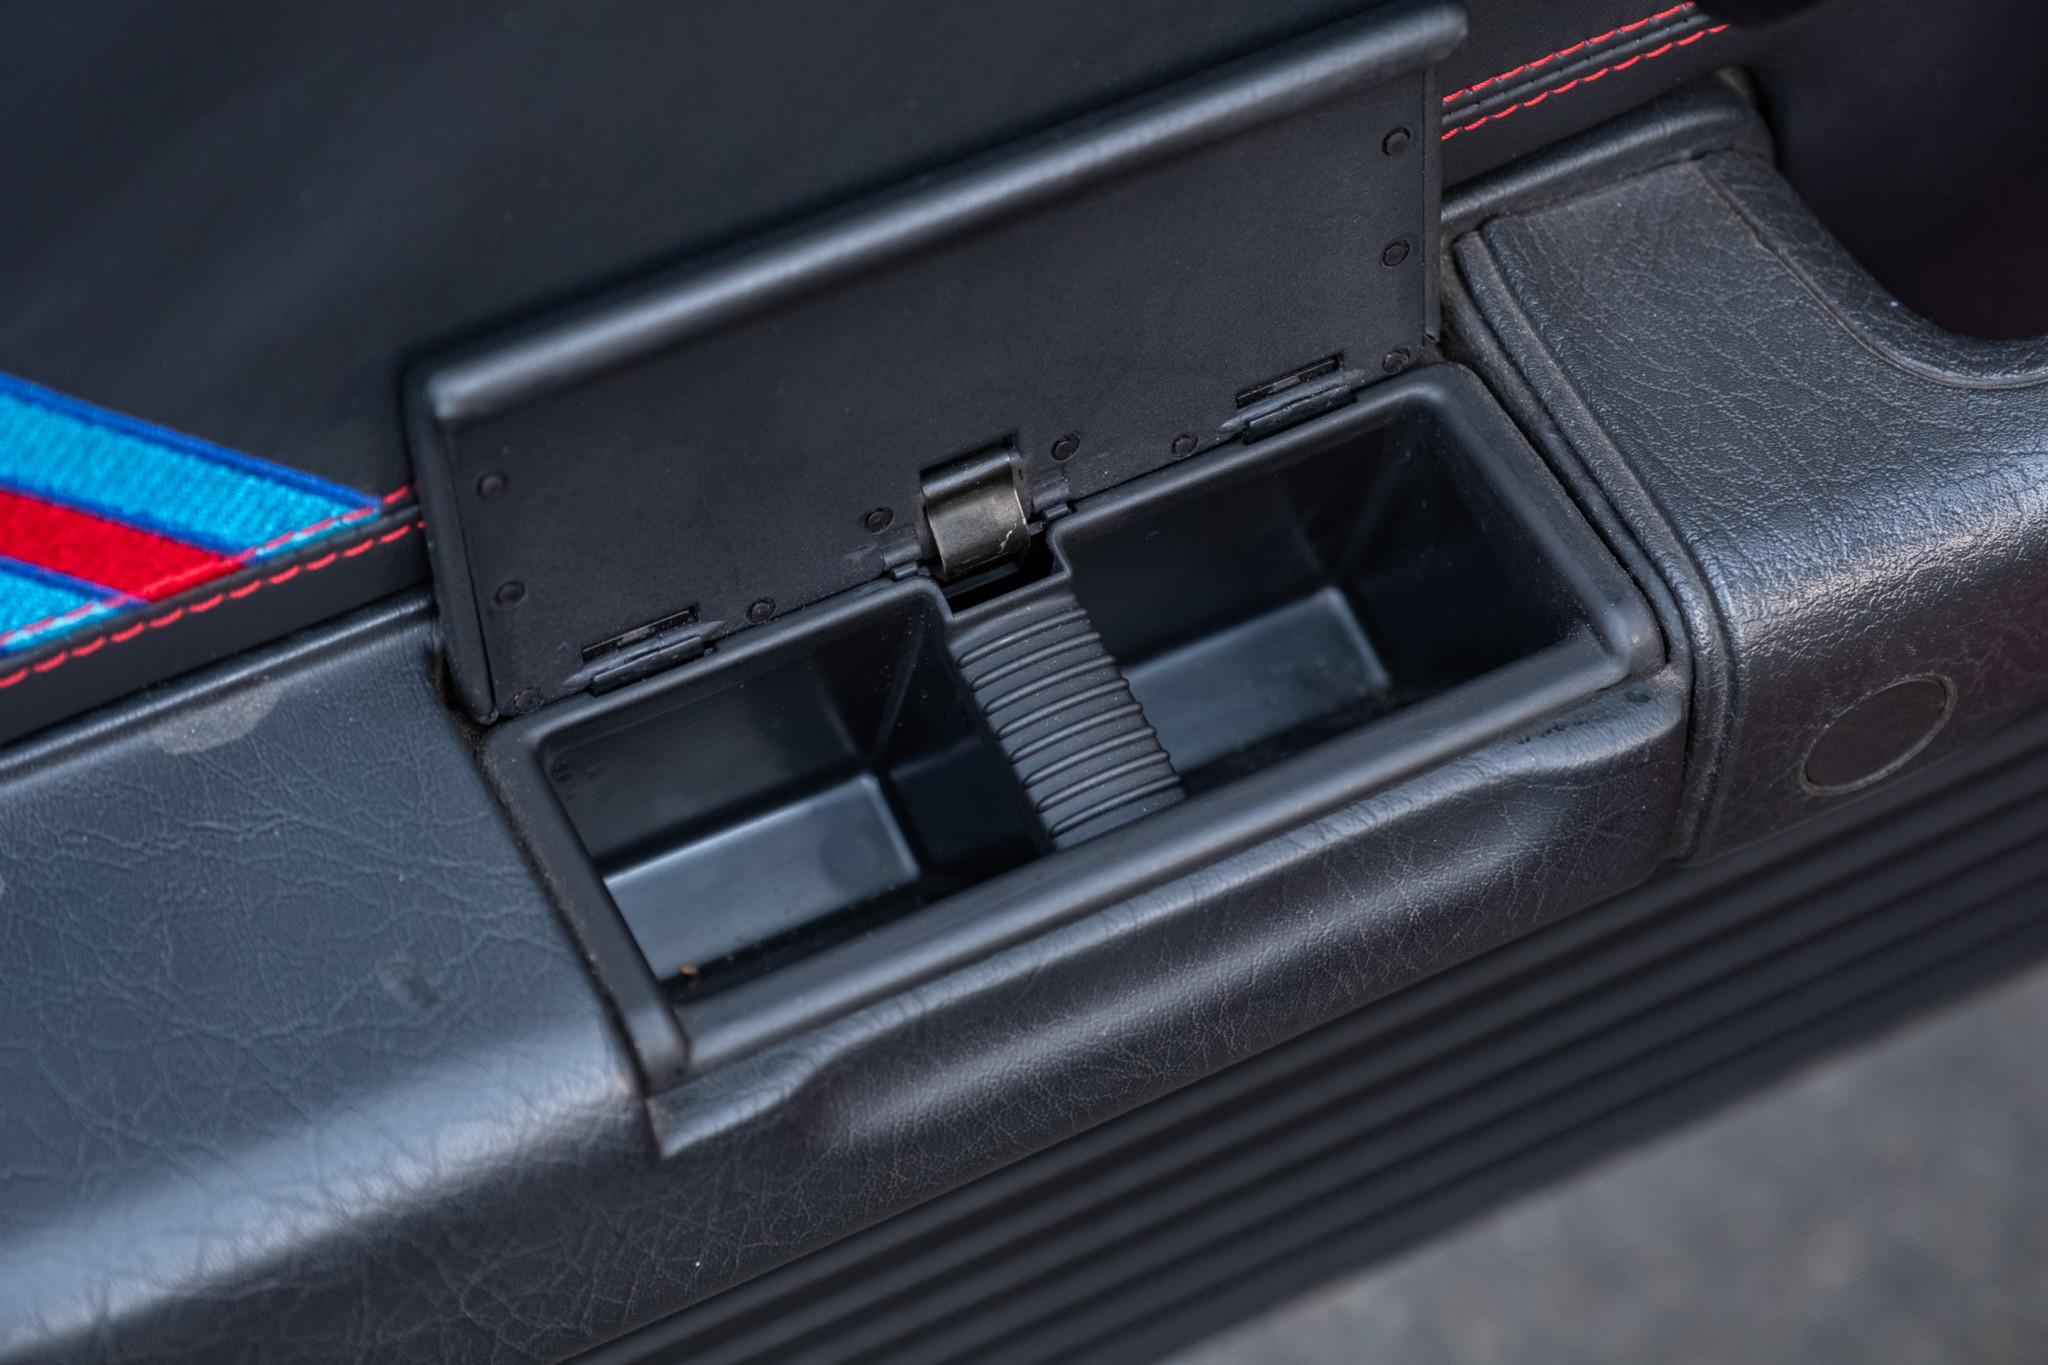 Lancia-Delta-Integrale-1989-for-sale-8